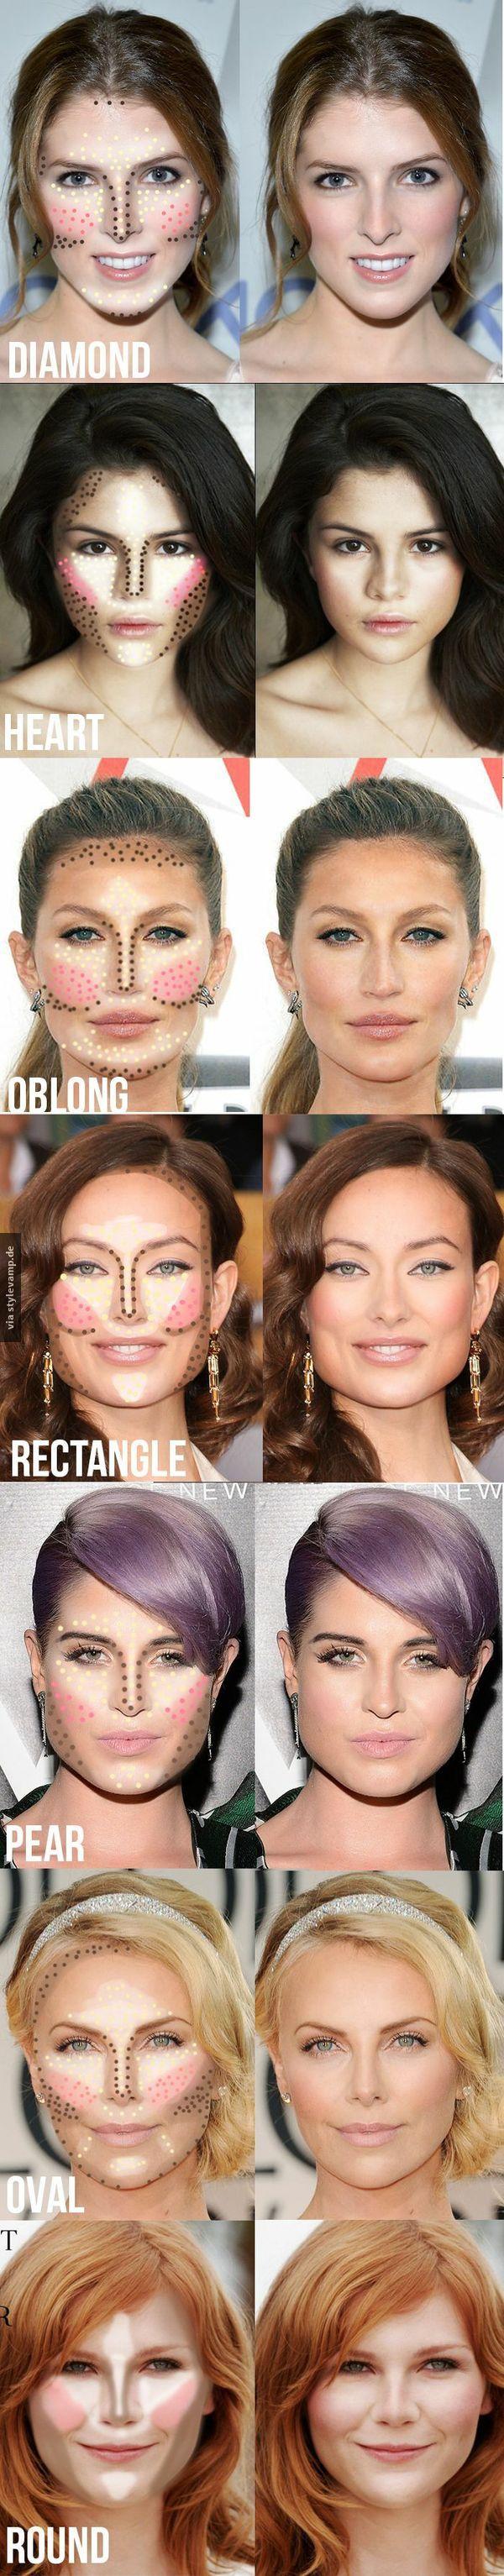 richtige Schminktechnik für die passende Gesichtsform